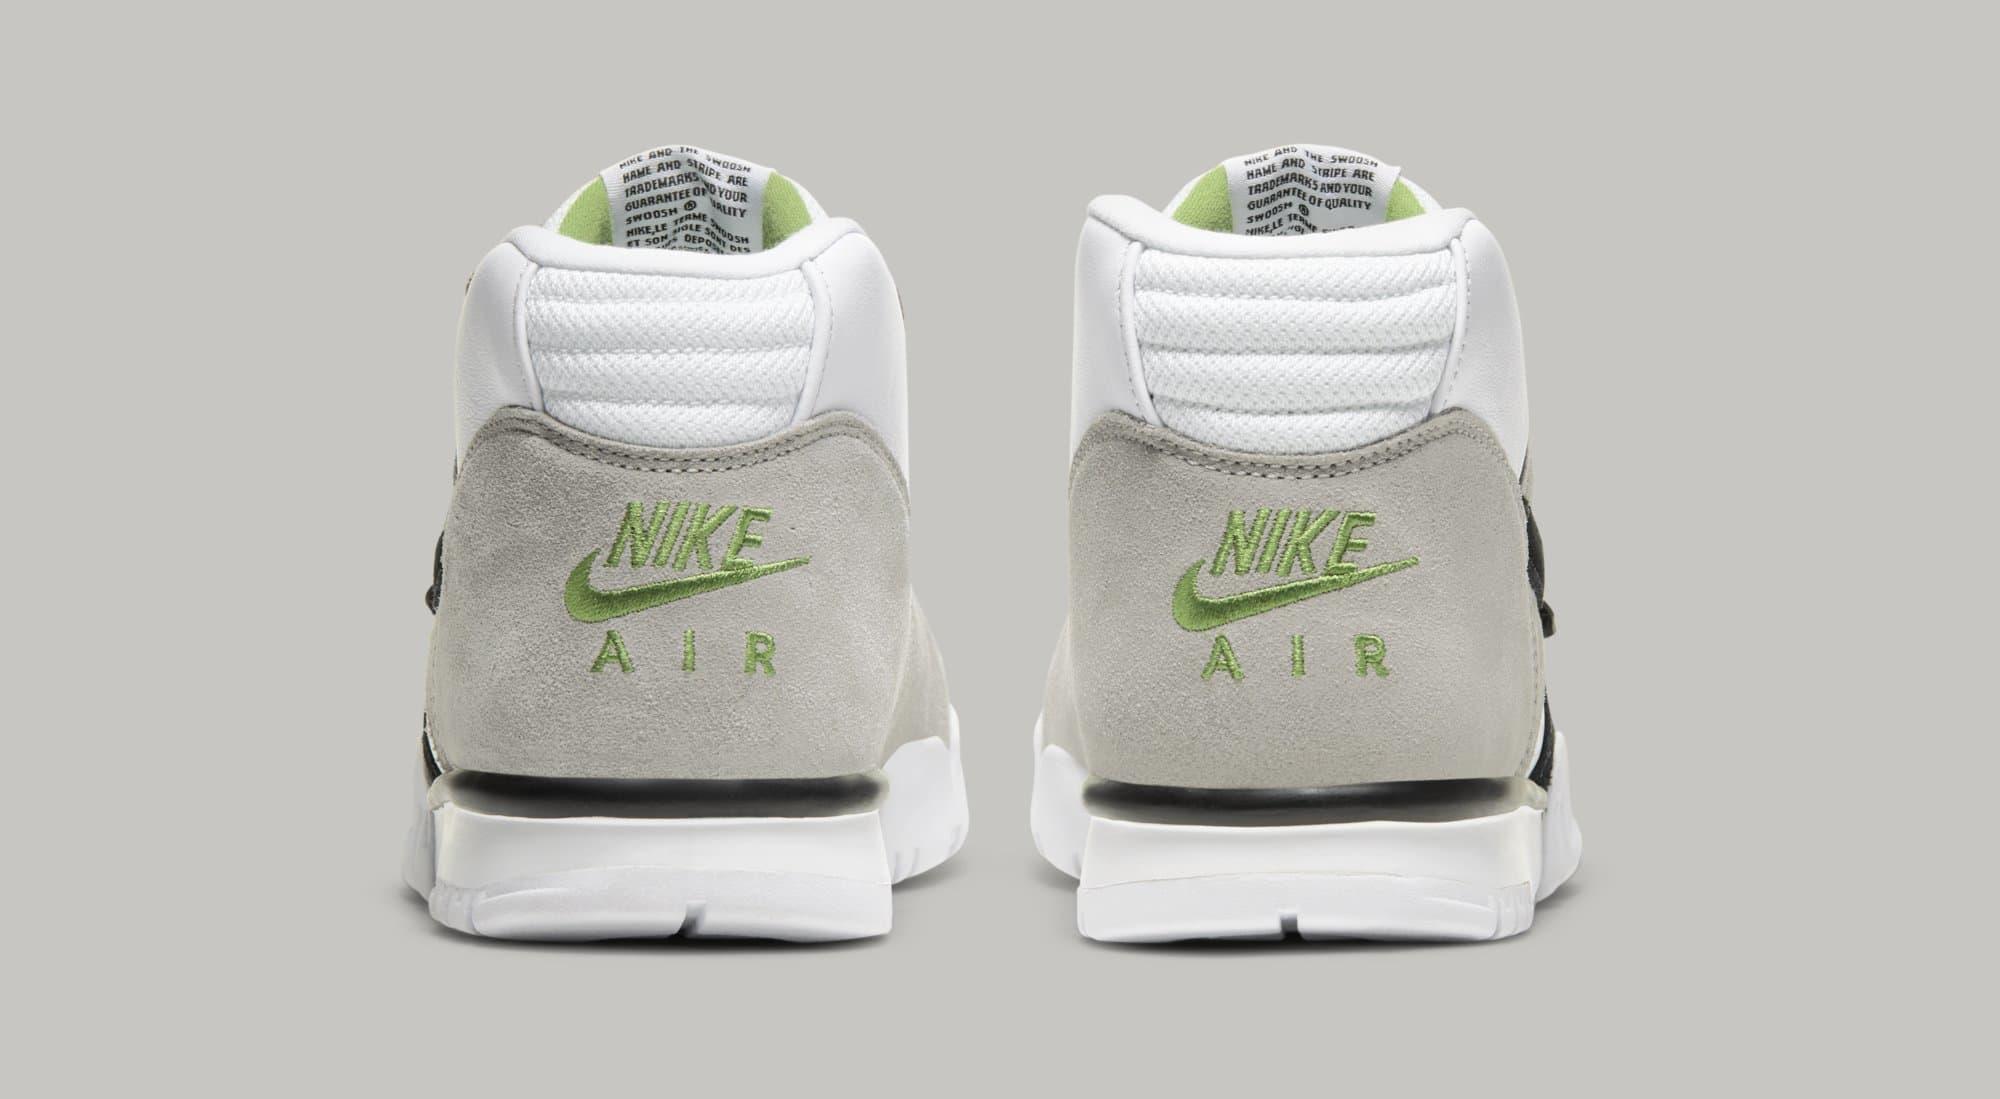 Nike SB Trainer 1 'Chlorophyll' CW8604-001 Heel